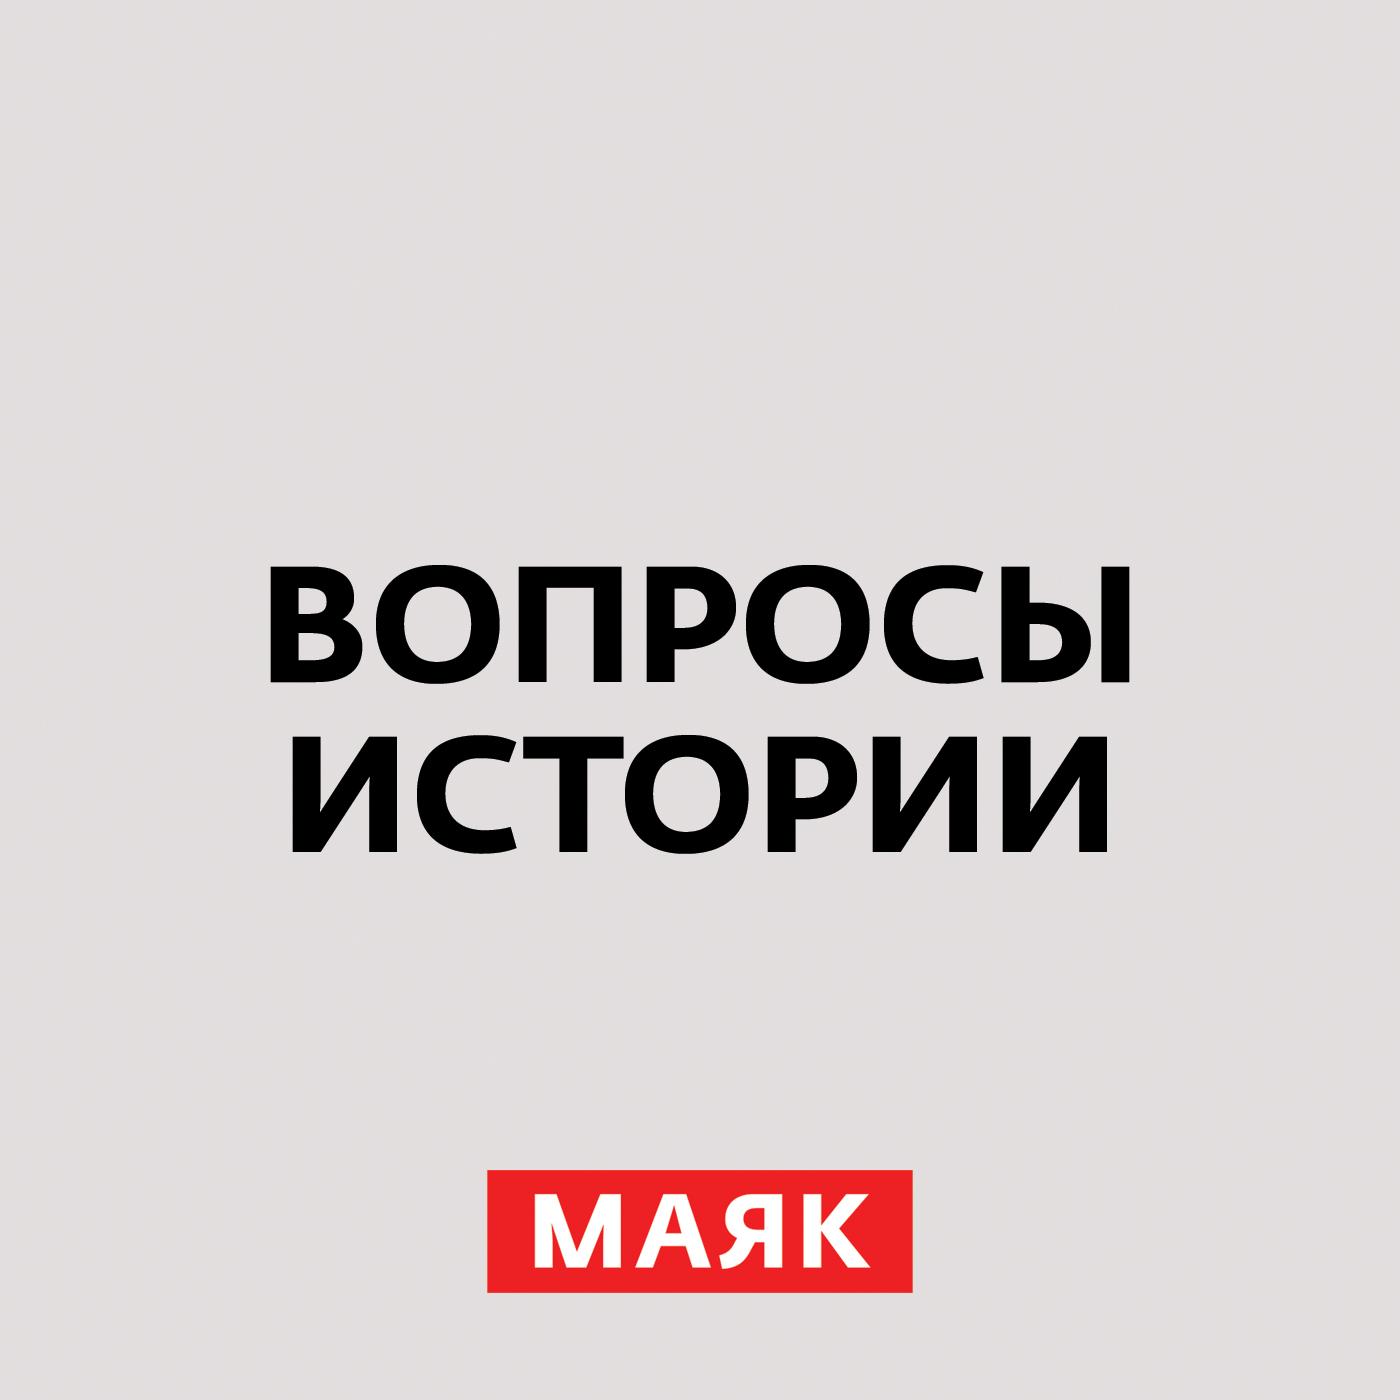 Андрей Светенко Вынос символов СССР с Красной площади не поможет народу примириться. Часть 2 андрей светенко первая наступательная операция красной армии в 41 м часть 1